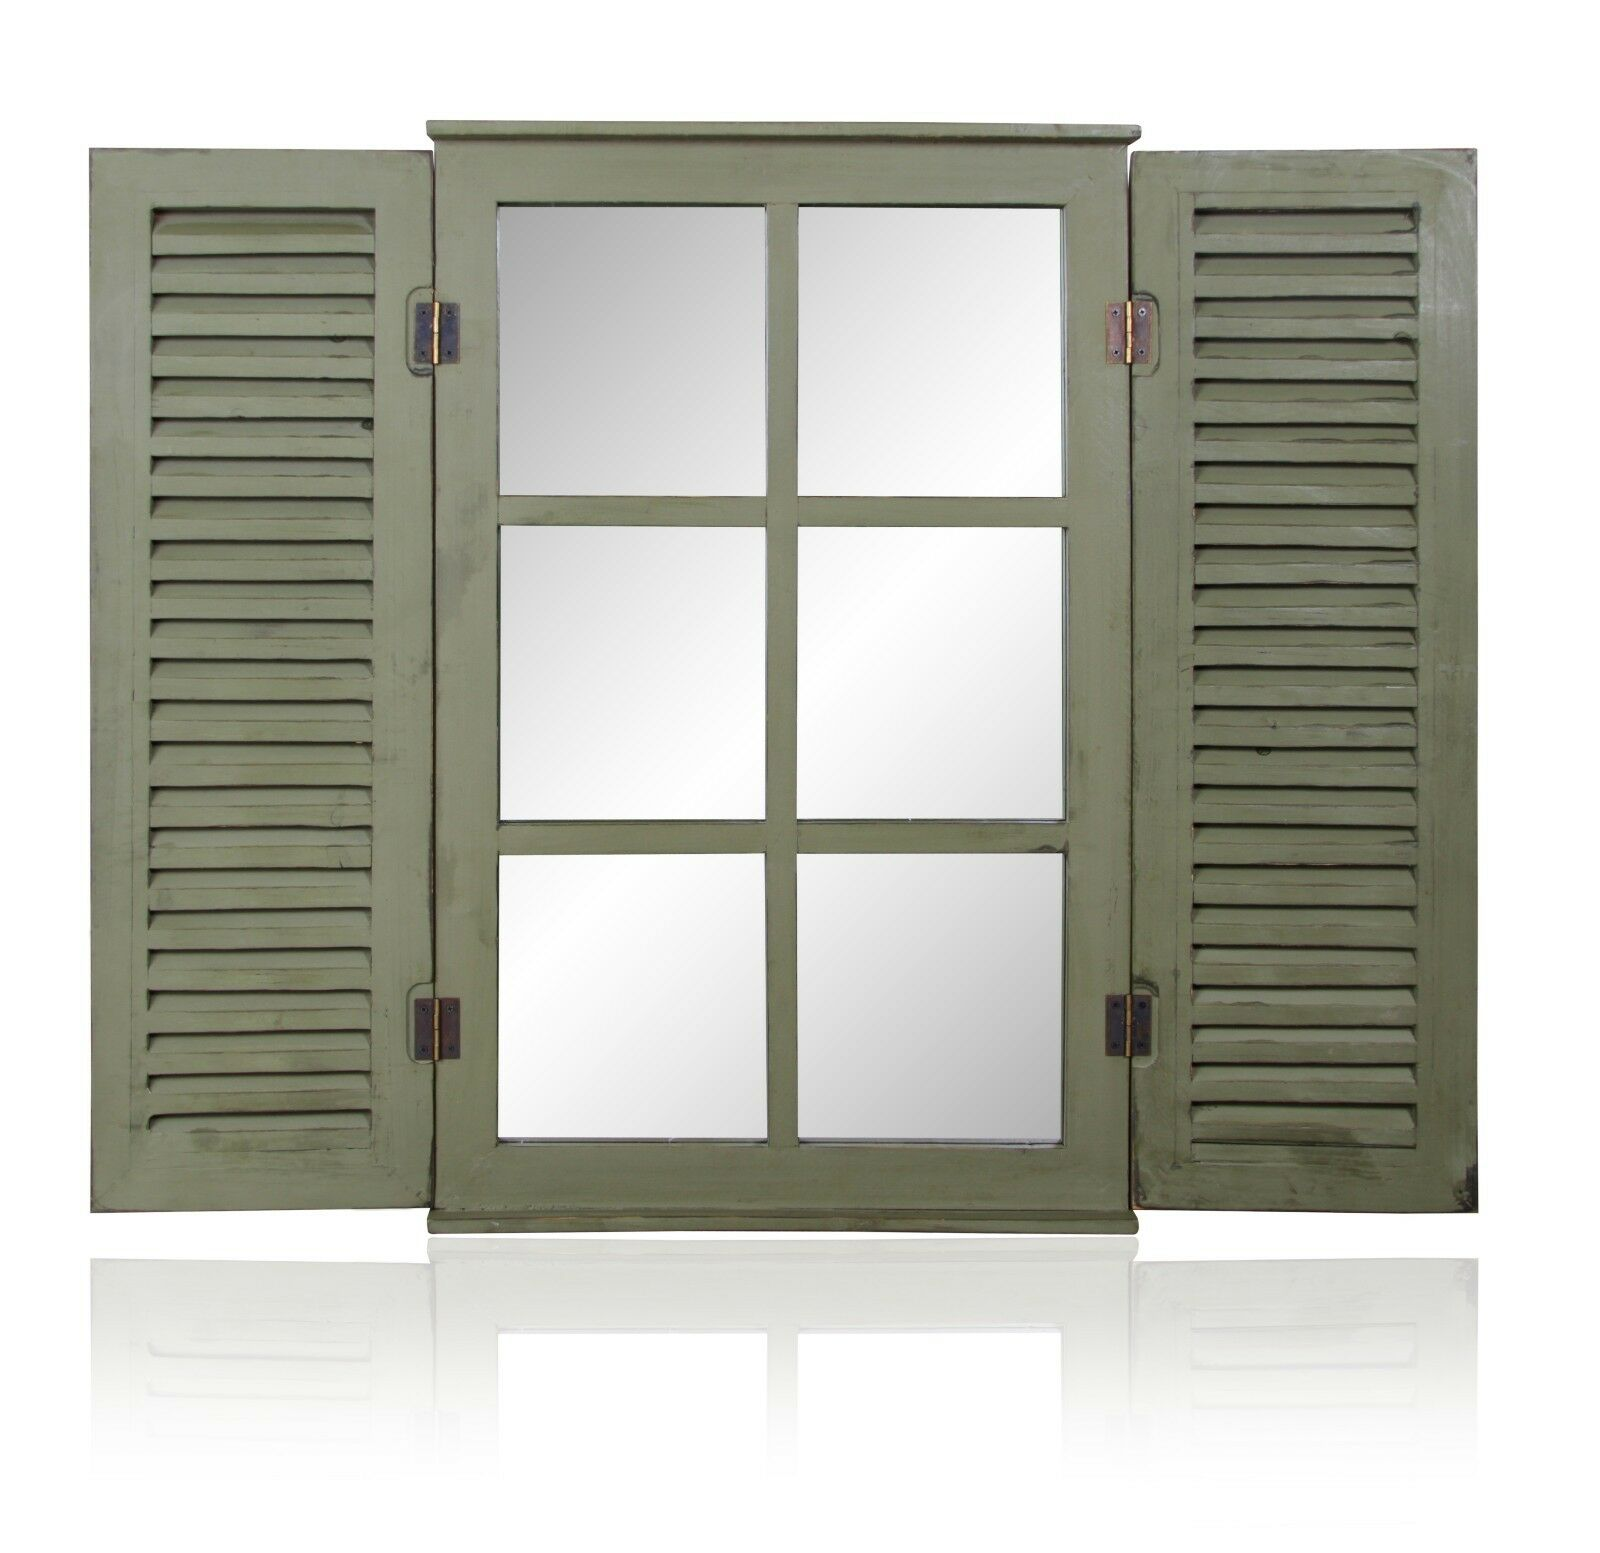 Green Garden Glass Mirror W Wooden Shutters Outdoor Illusion Window Antique